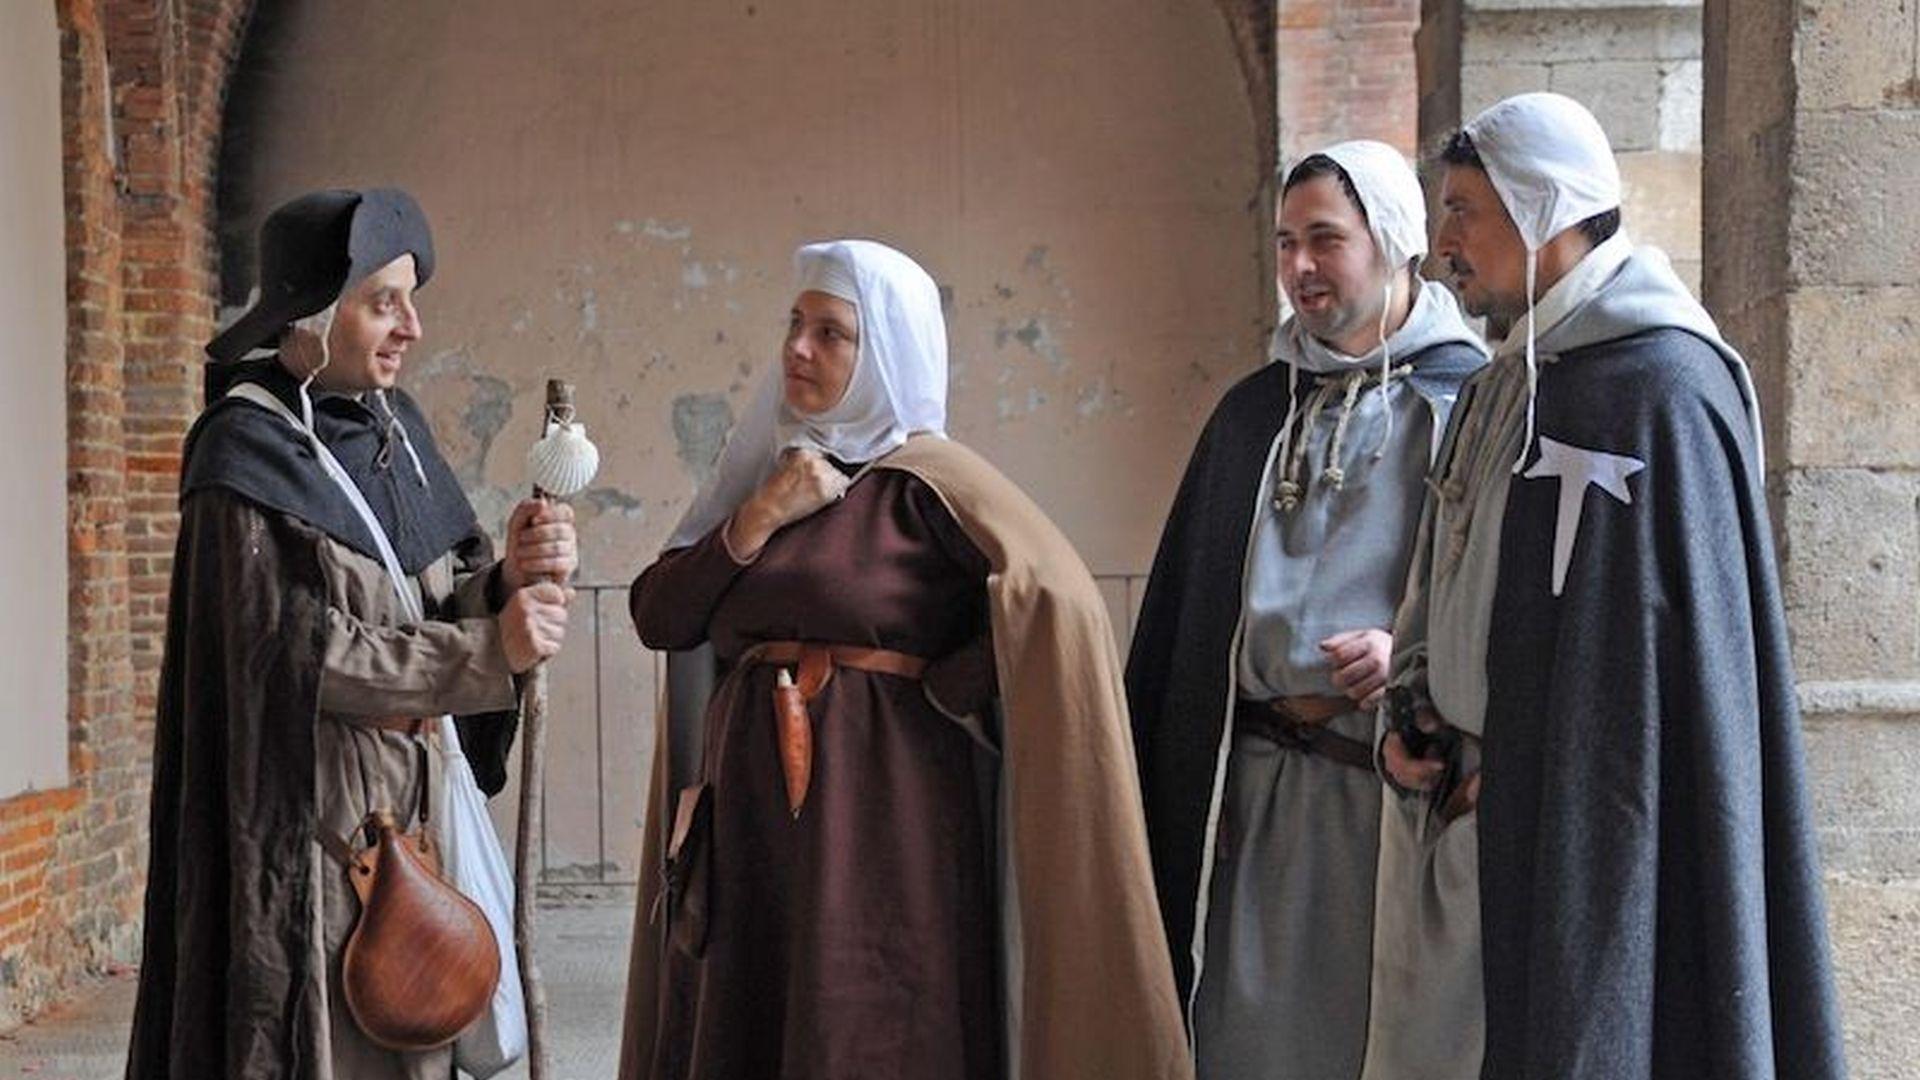 rievocazione storica della frangicena a MOntecarlo